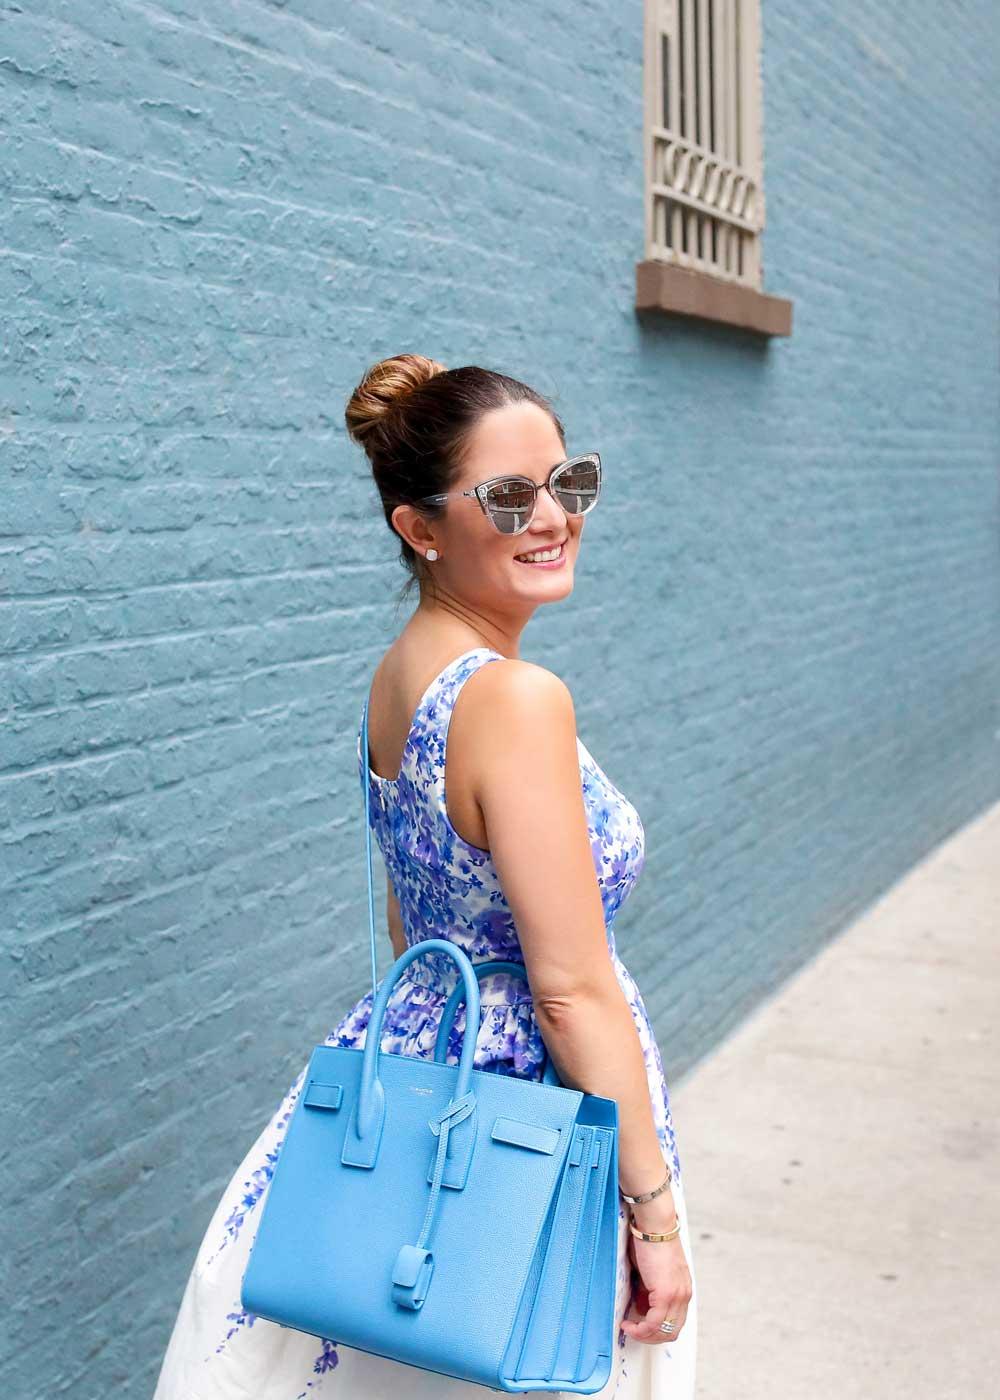 Blue Saint Laurent Sac de Jour Bag